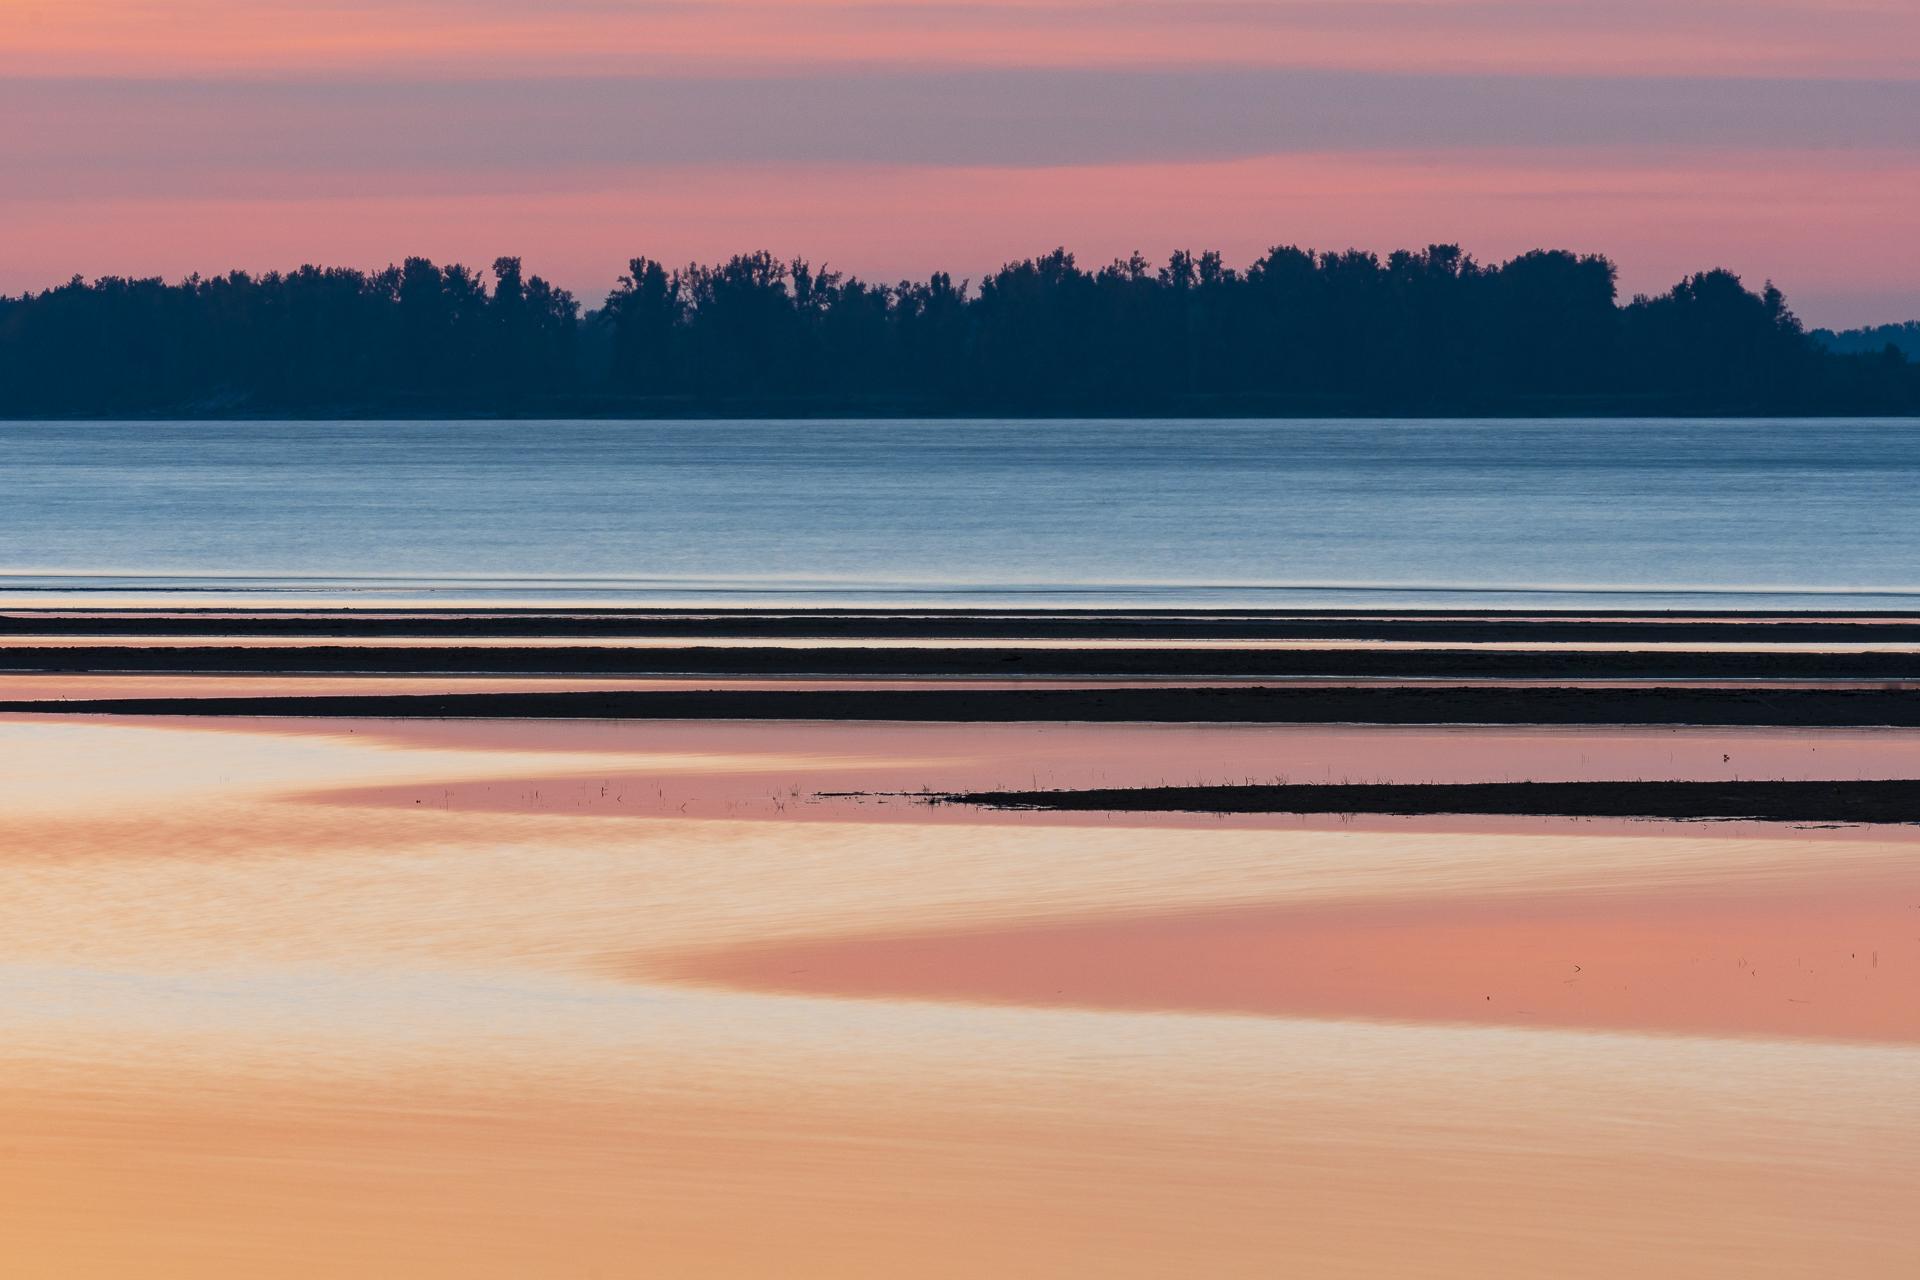 Sunset light on the Columbia